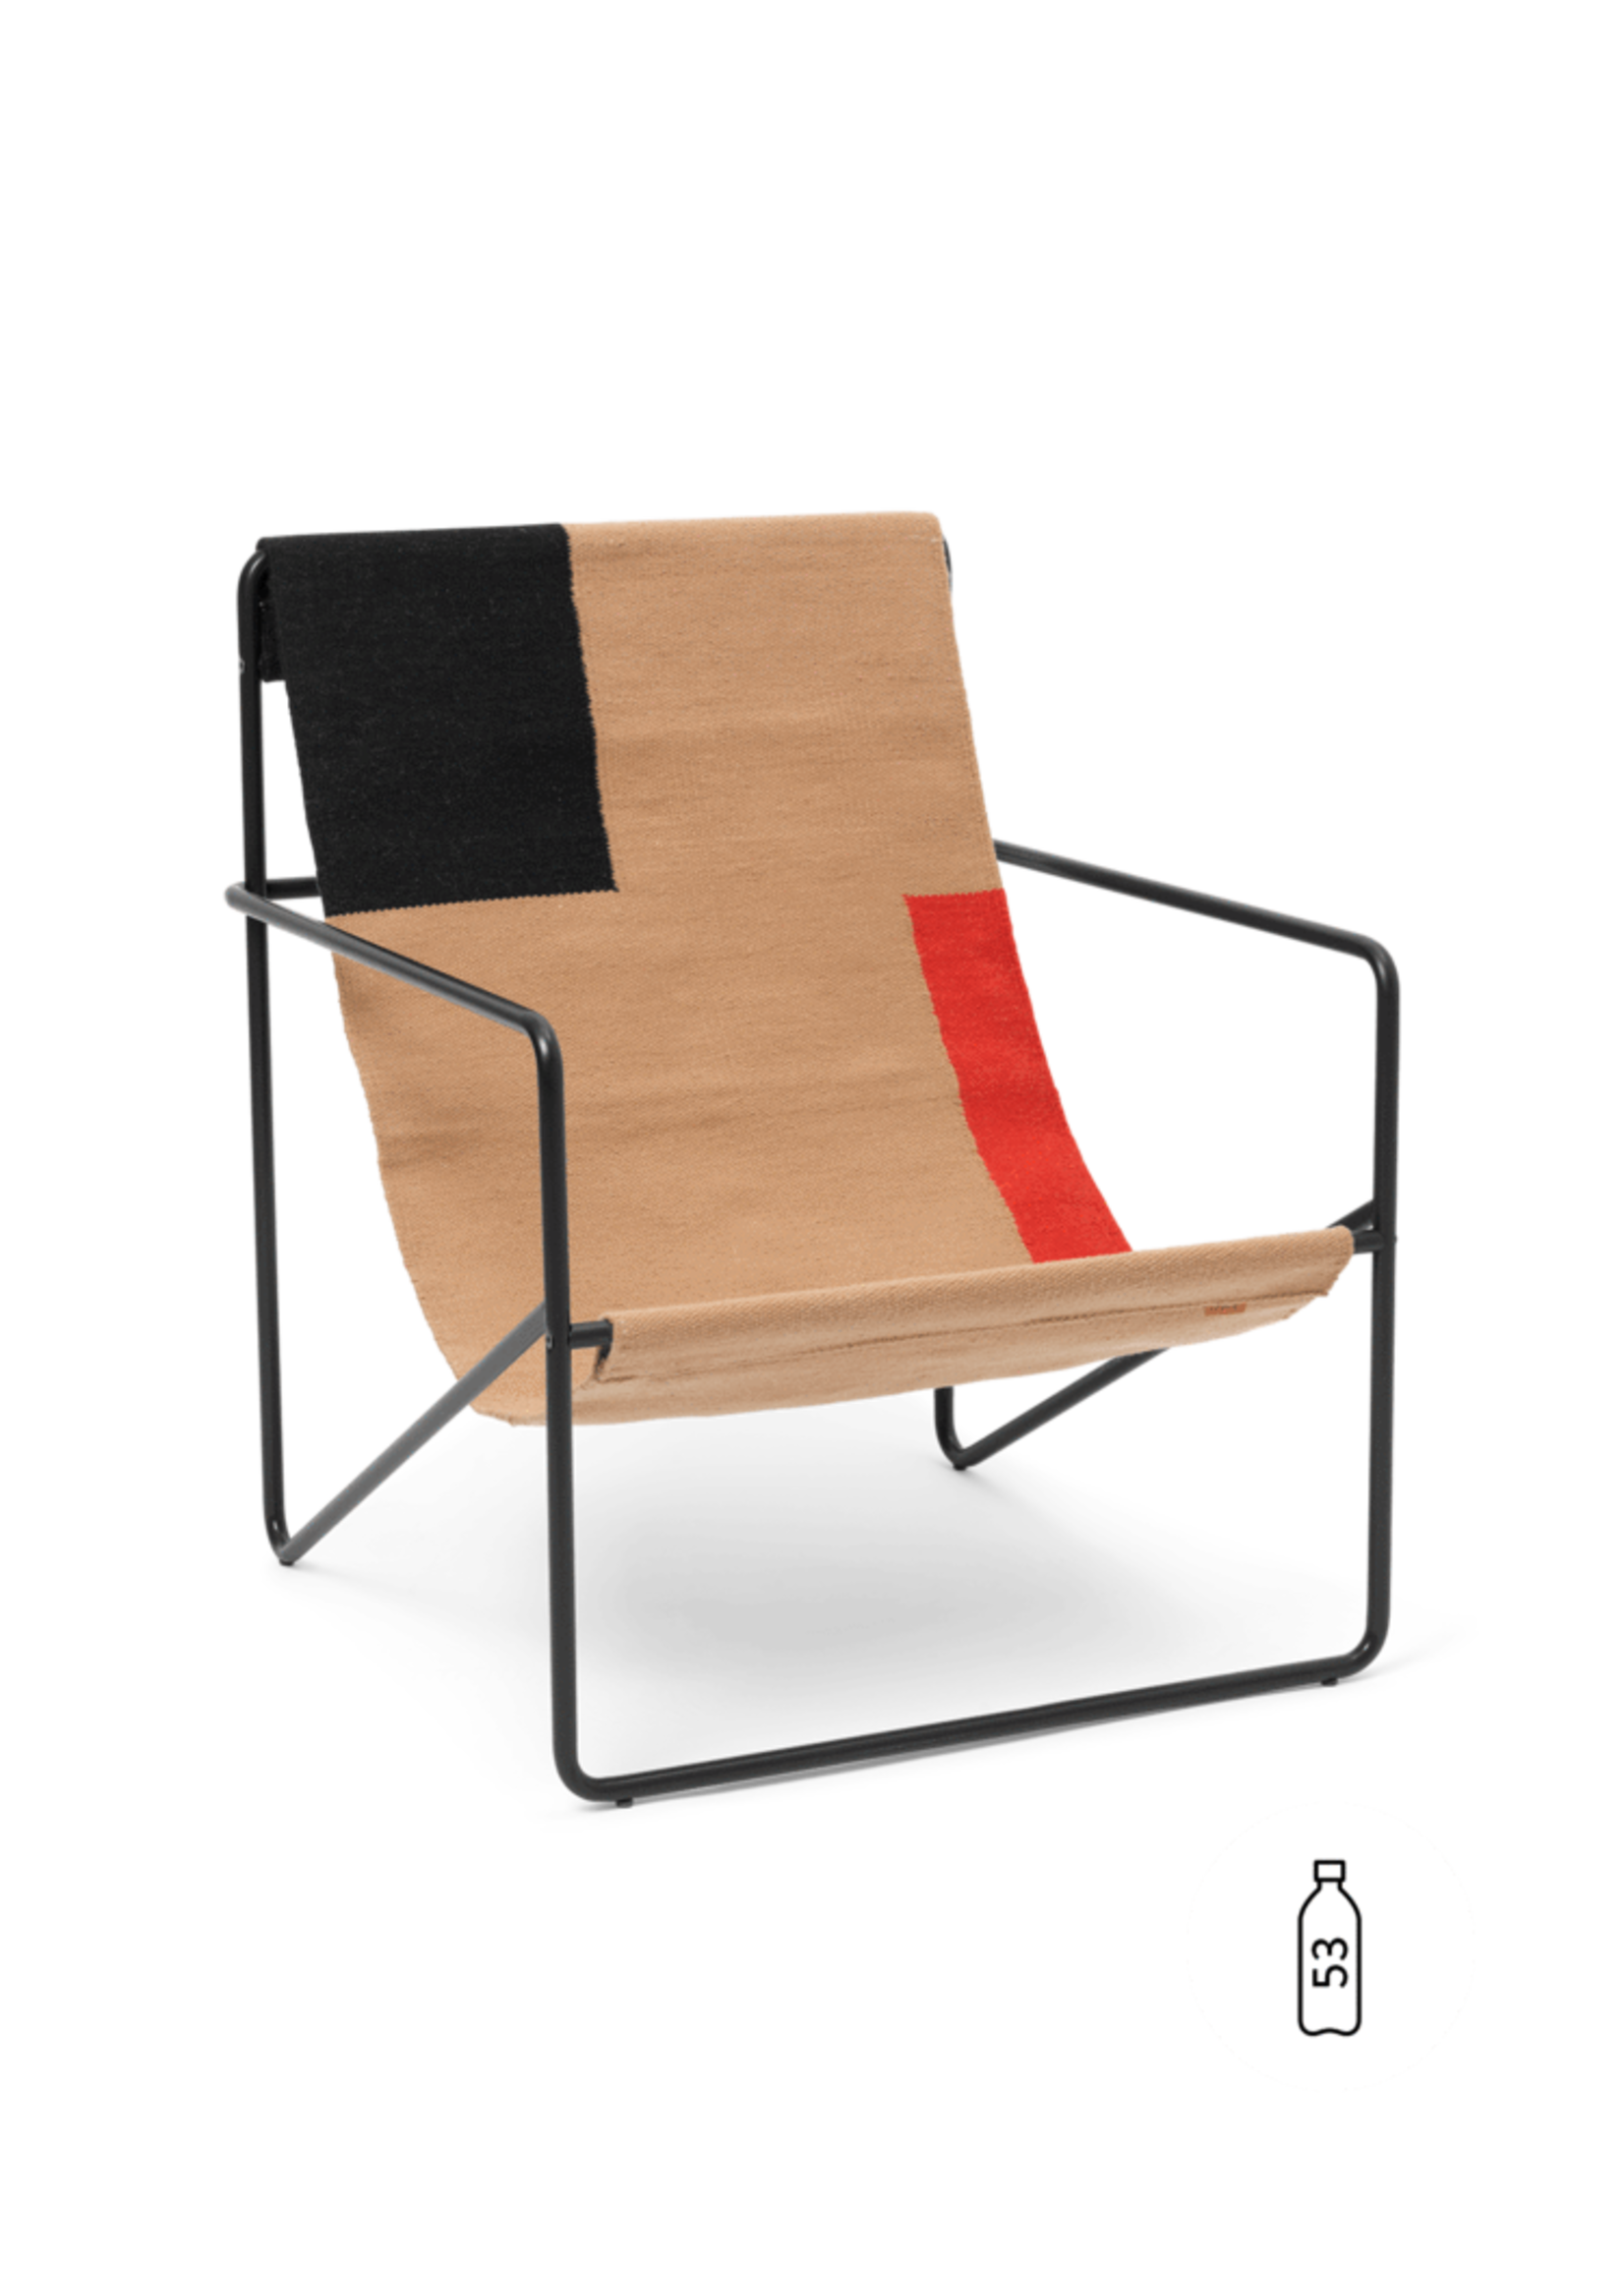 ferm LIVING ferm LIVING - Desert Chair - Block